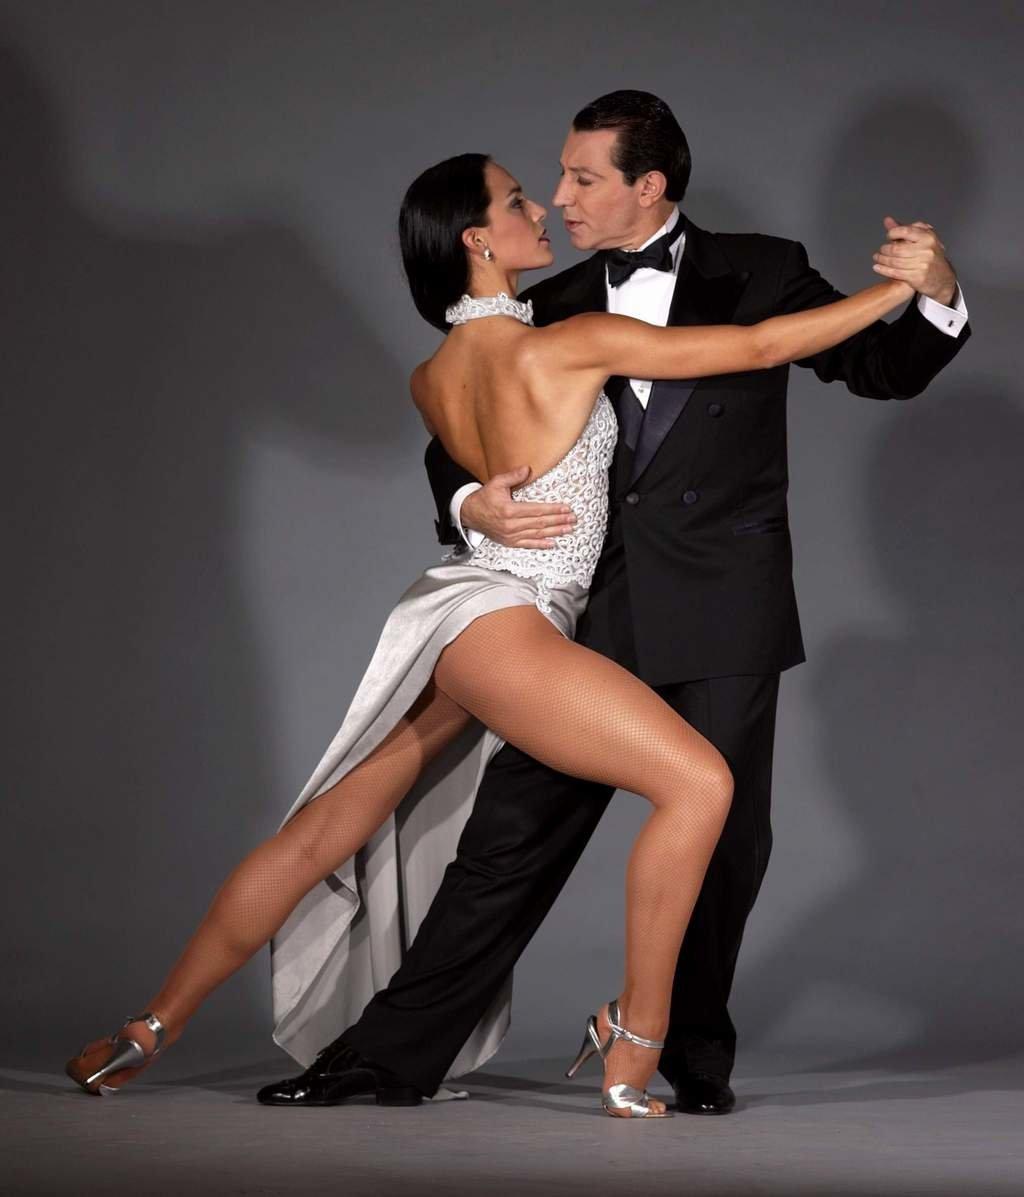 Сексуальные танцы мужчин, домашние секс видео муж приходит с работы